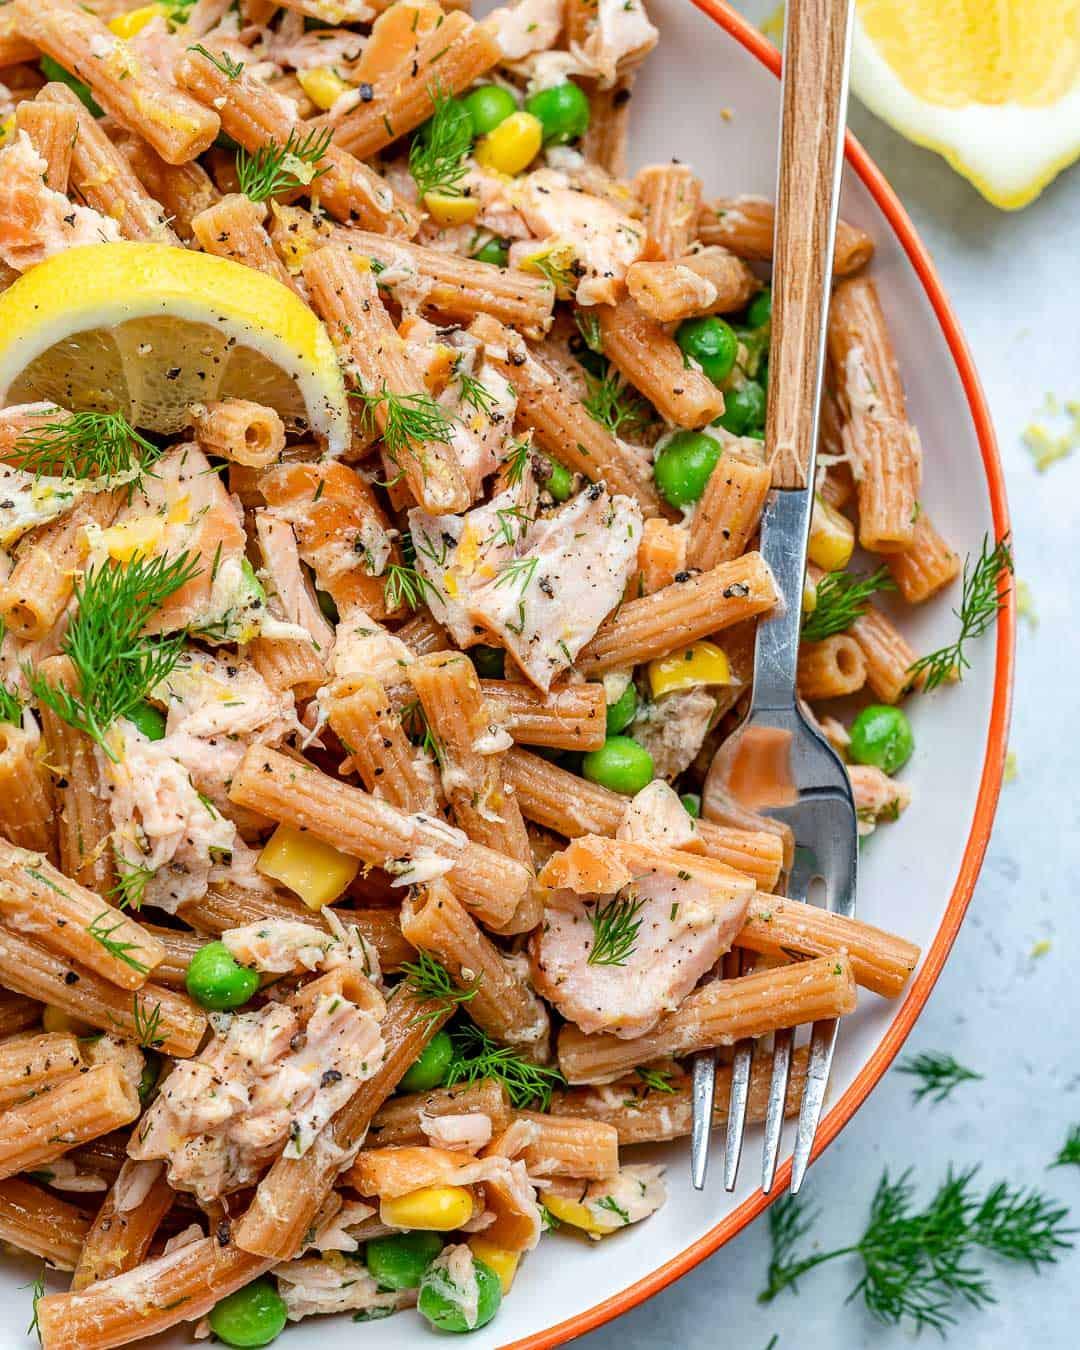 smoked salmon ans pasta salad